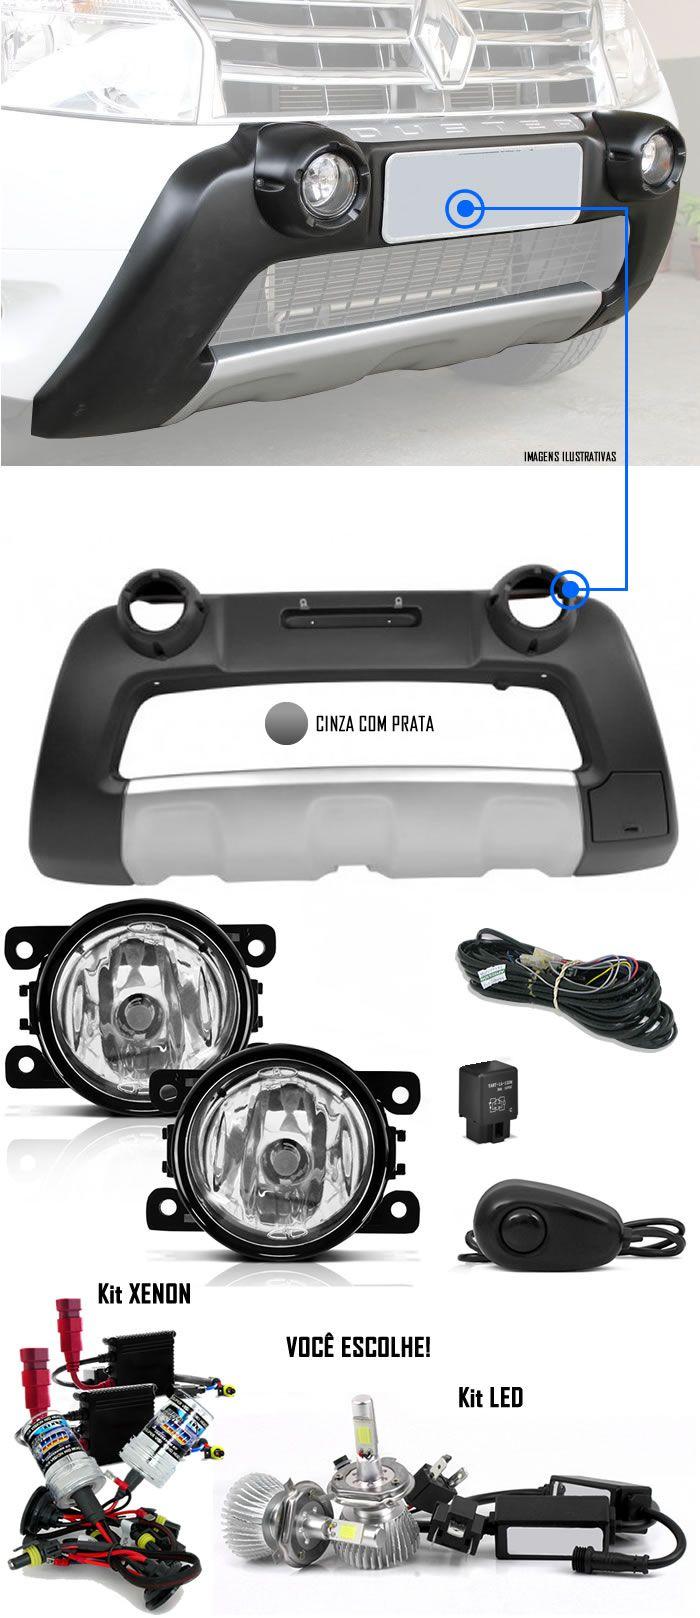 Kit Overbumper Frontal TG Poli + Kit Farol de Milha Neblina Renault Duster 2012 2013 2014 + Kit Xenon 6000K / 8000K ou Kit Lâmpada Super LED 6000K